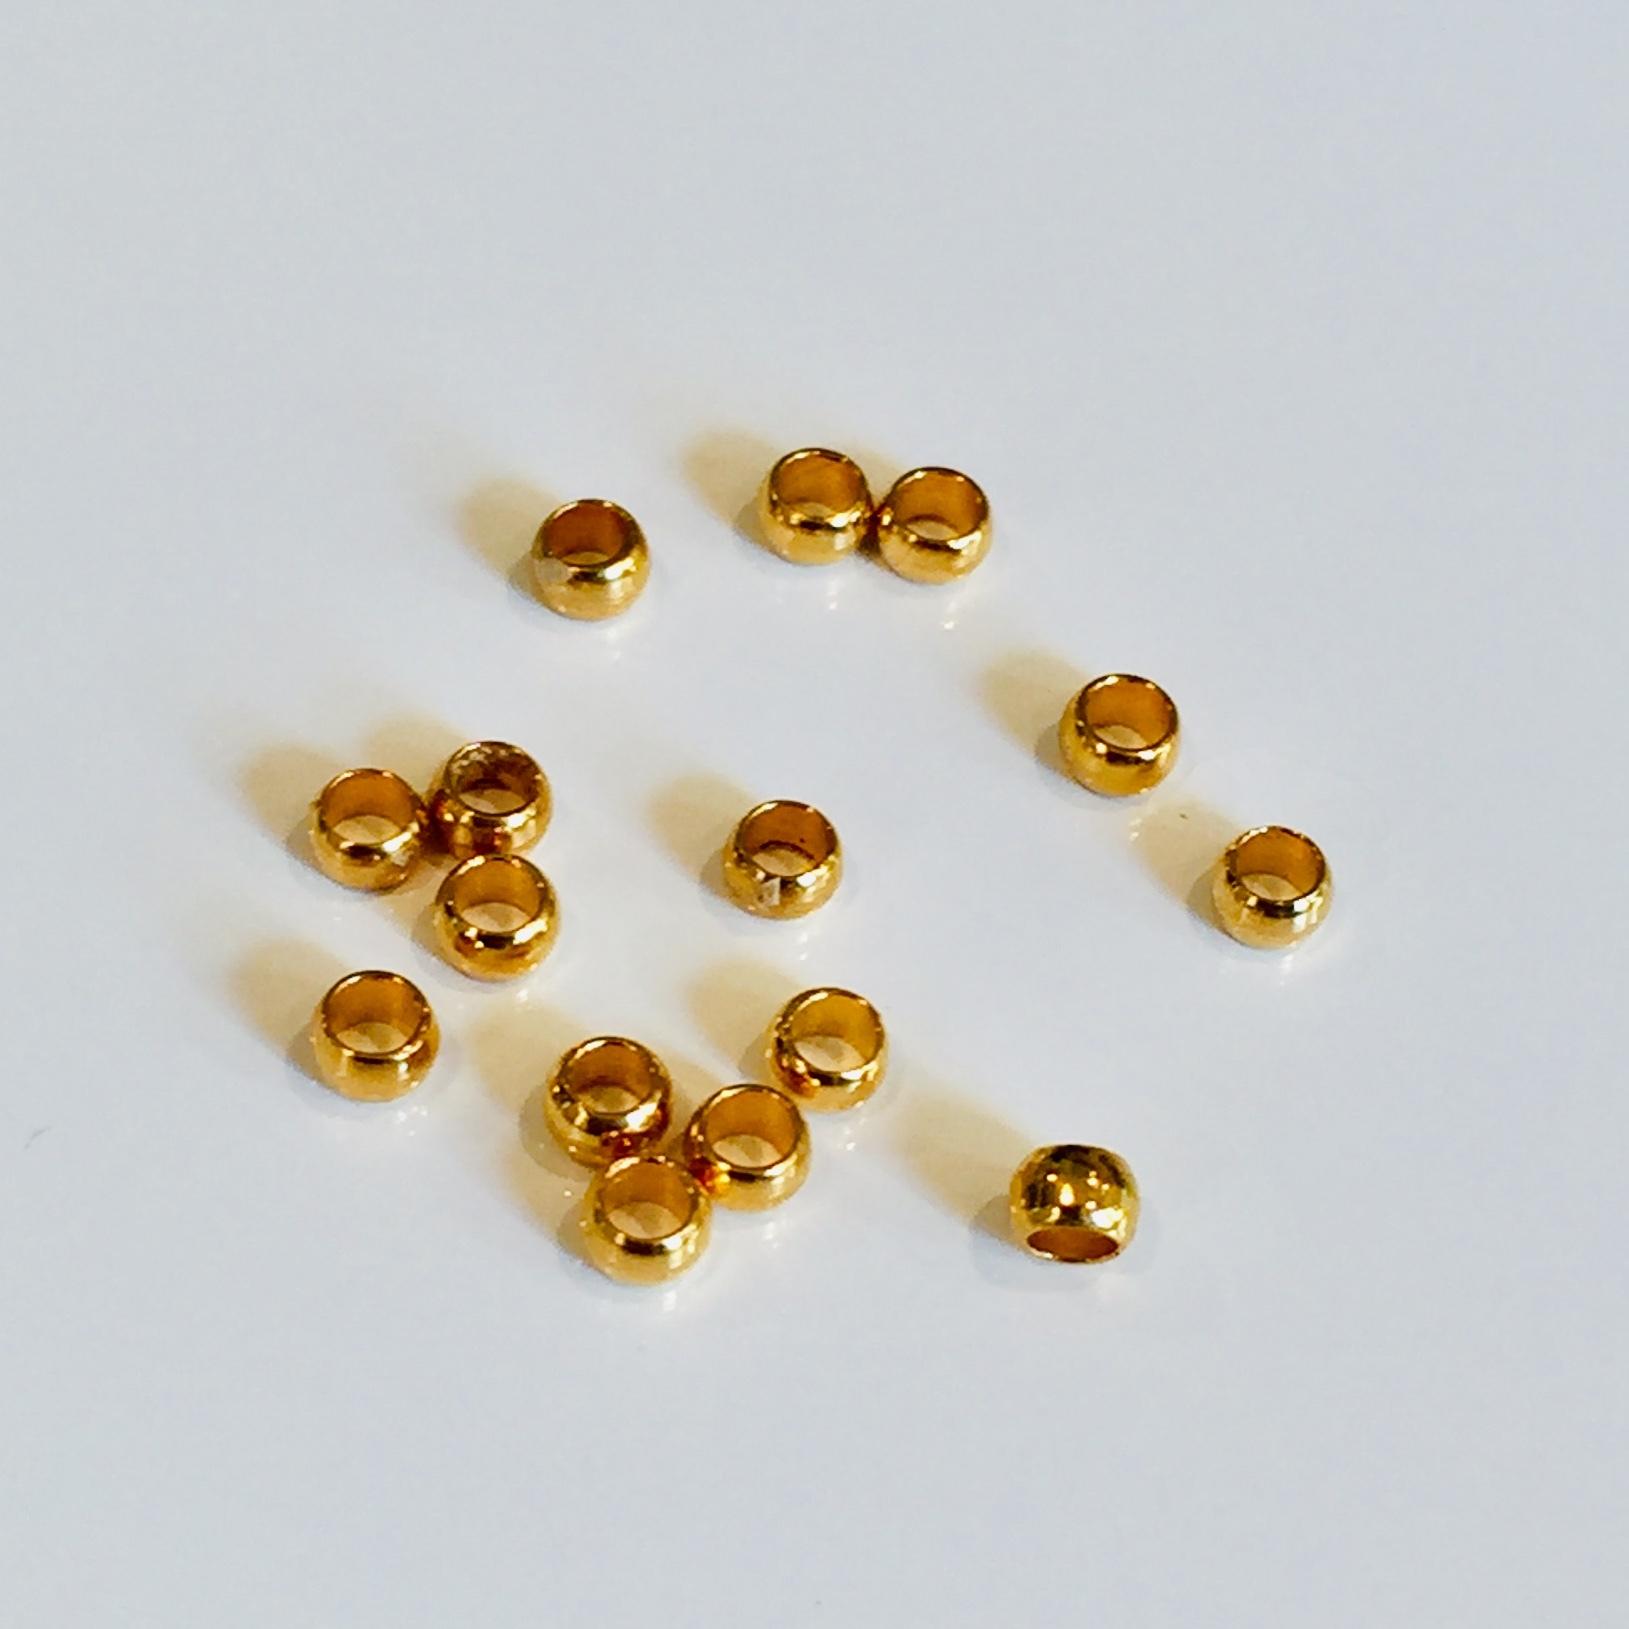 ゴールドビーズ 2mm 15個セット